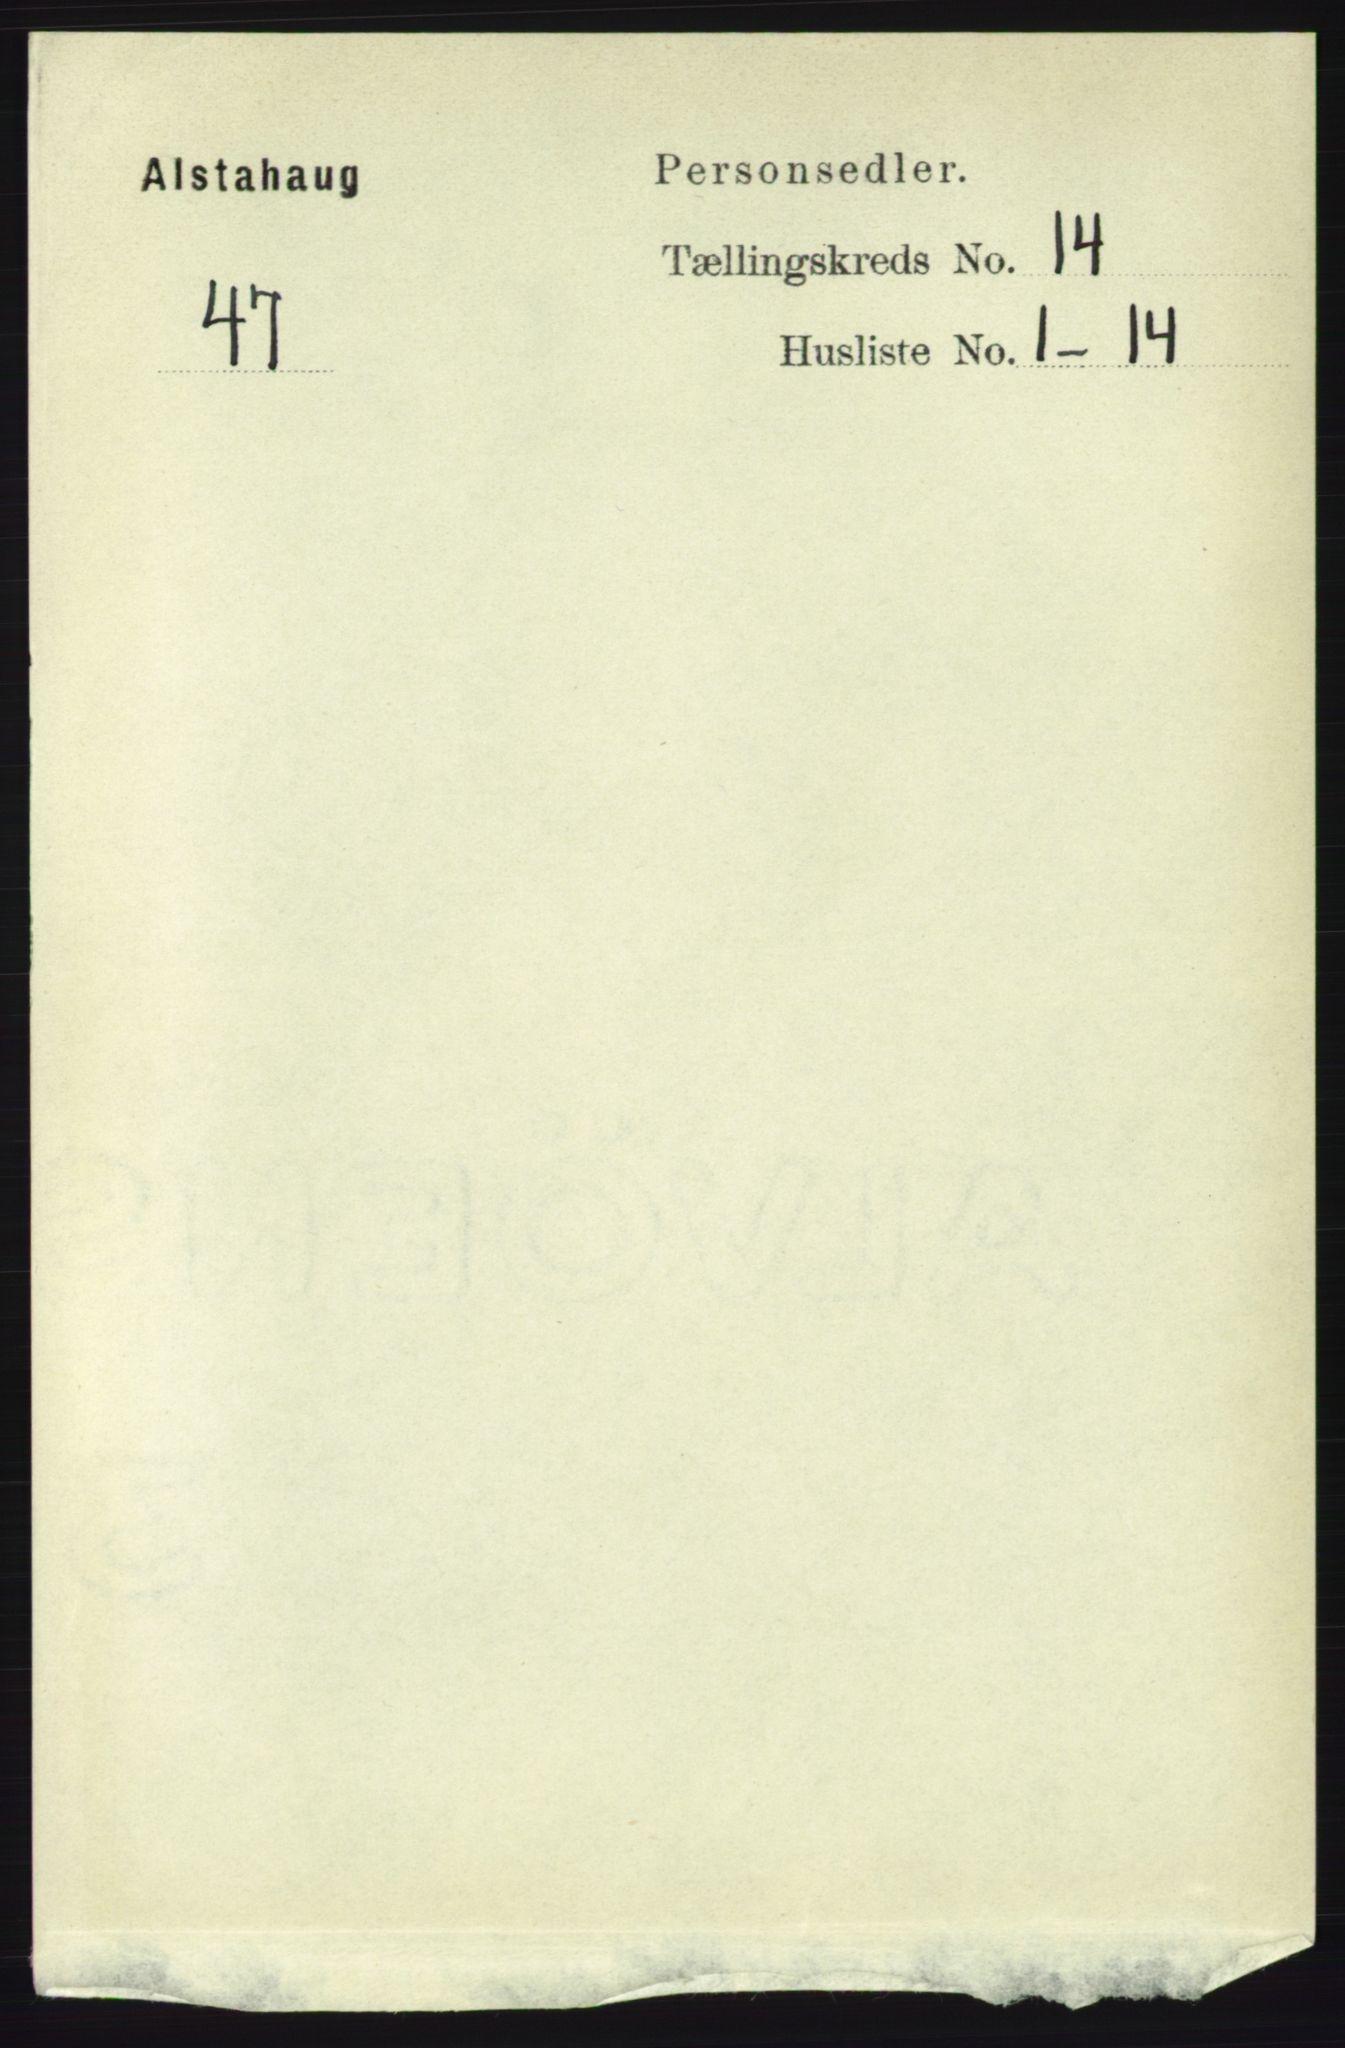 RA, Folketelling 1891 for 1820 Alstahaug herred, 1891, s. 4933